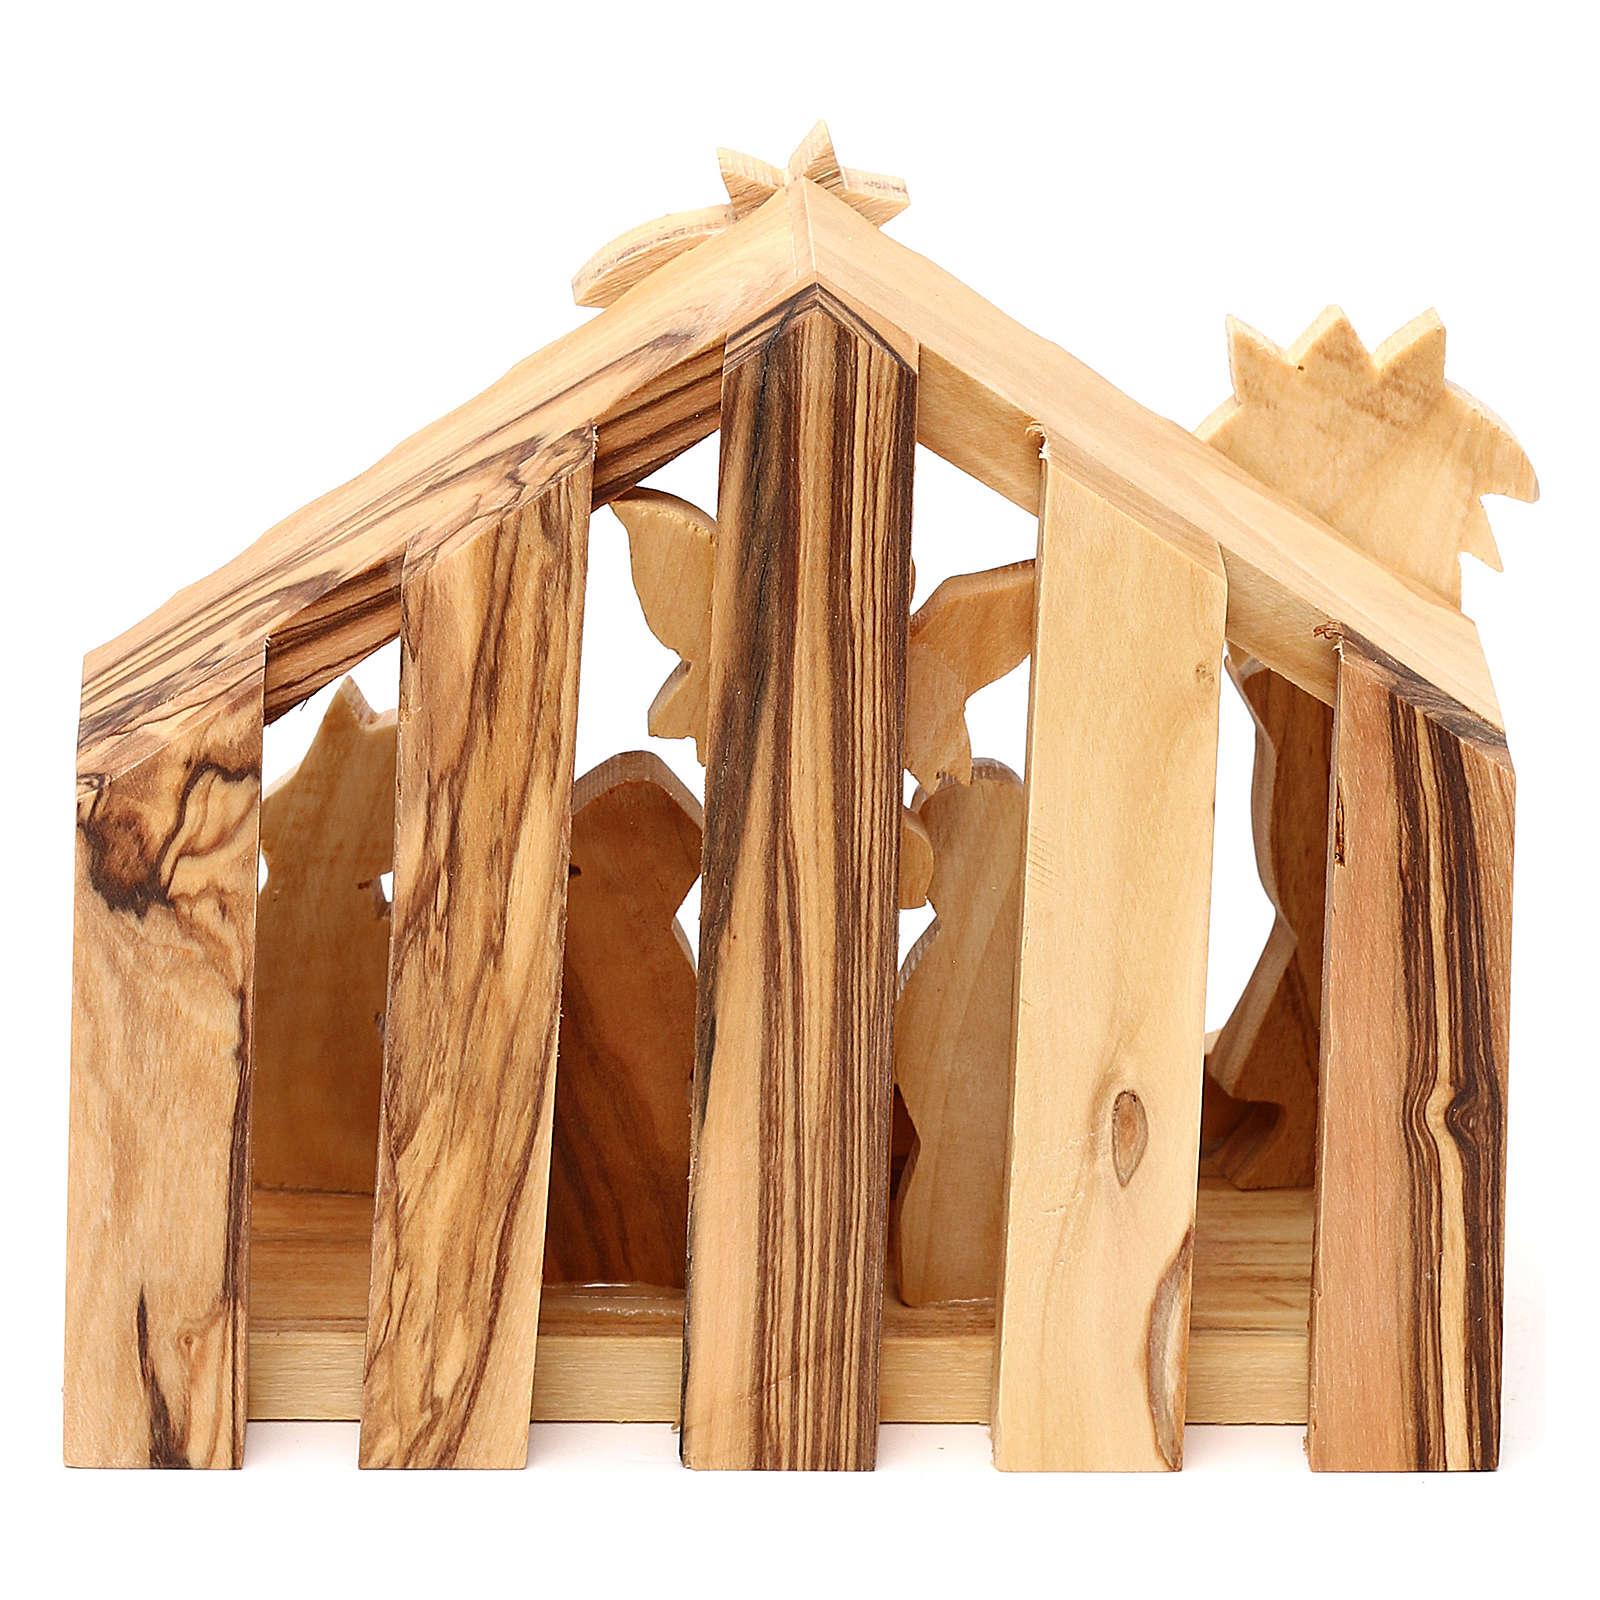 Cabane avec scène Nativité en olivier de Bethléem 10x10x10 cm 4